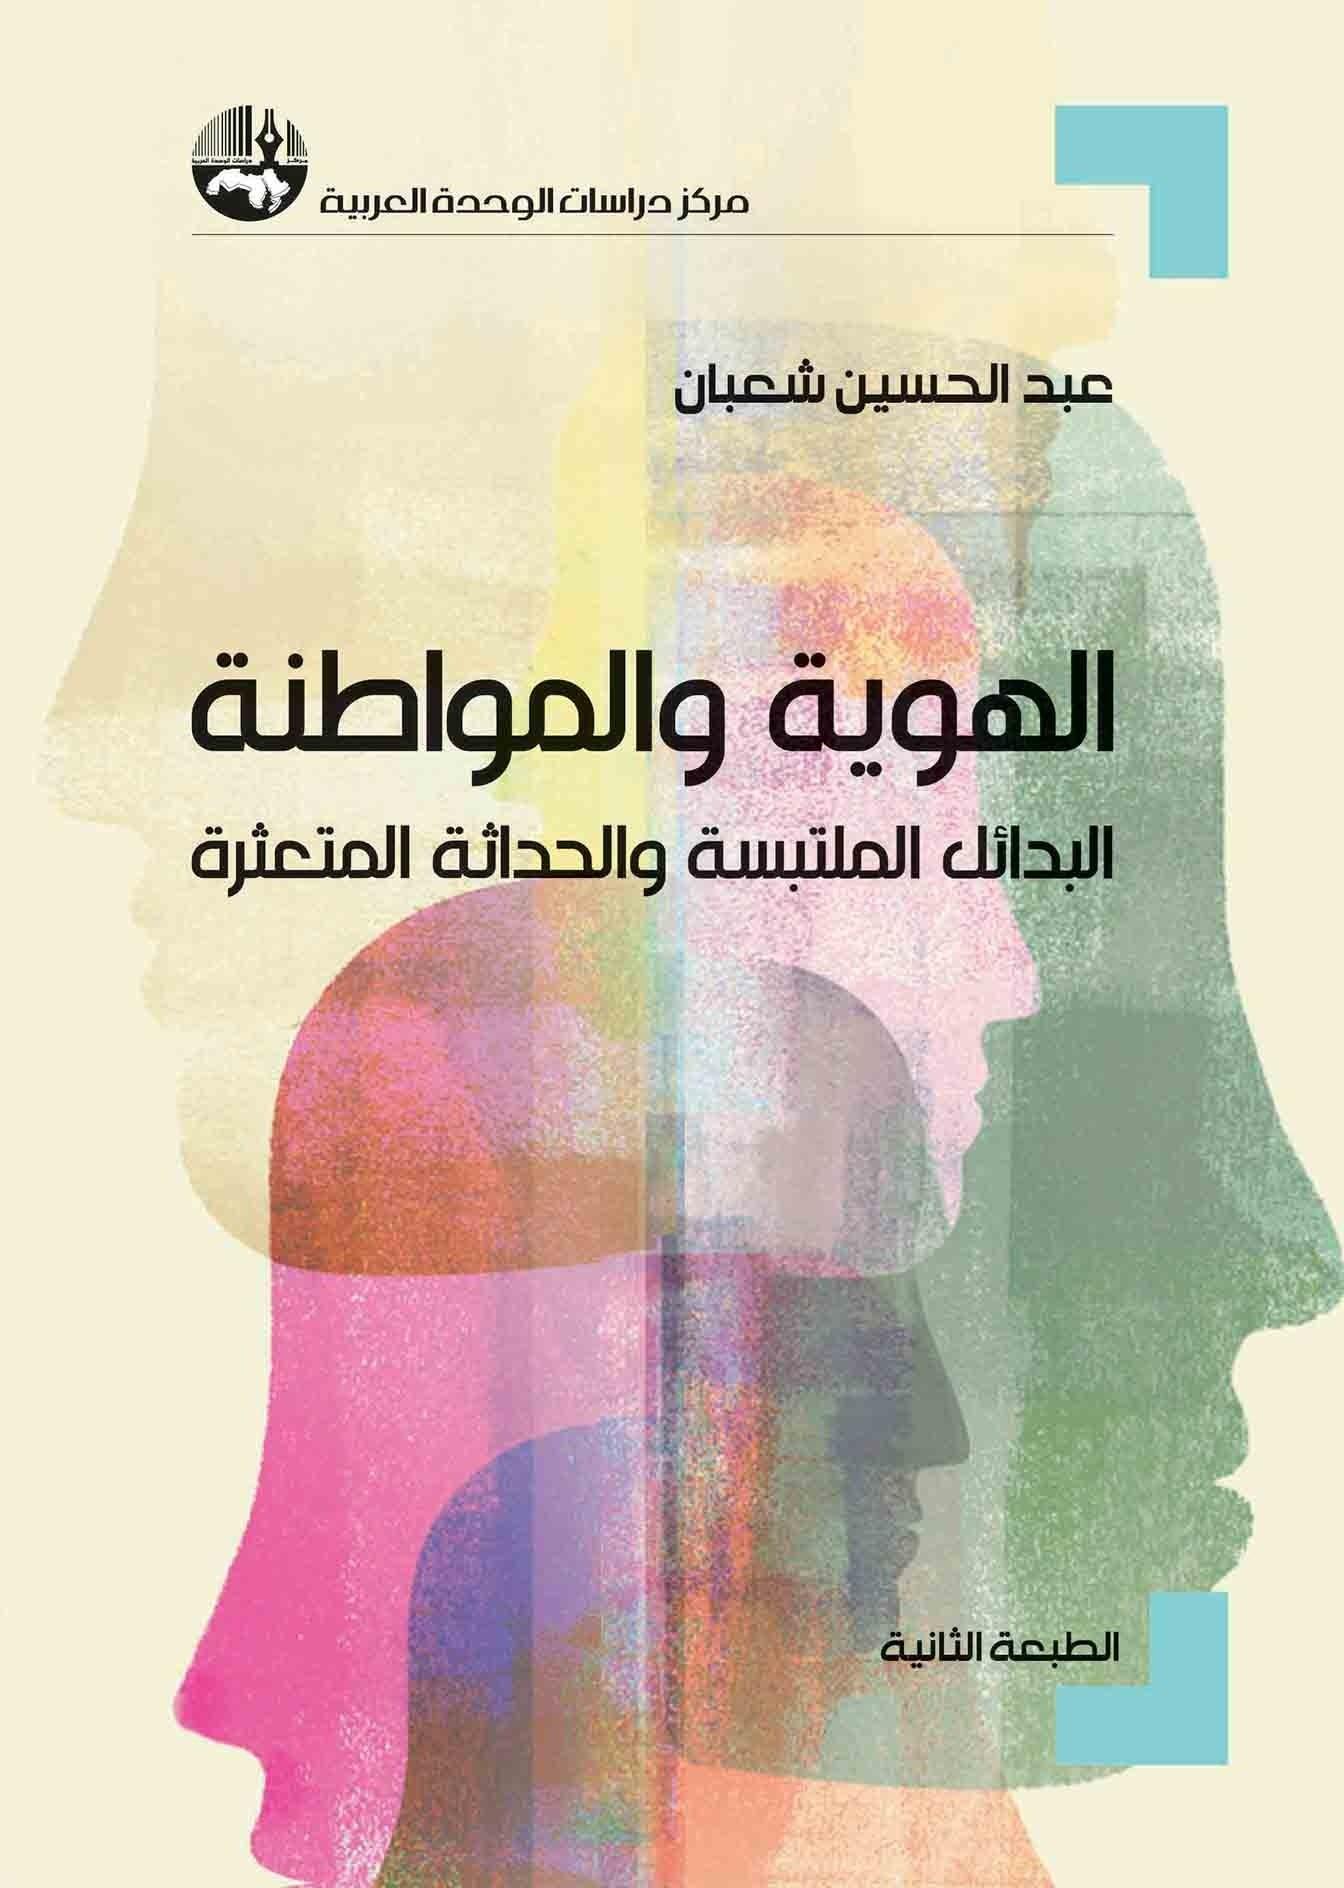 """صدور الطبعة الثانية من كتاب """"الهوية والمواطنة: البدائل الملتبسة والحداثة المتعثّرة"""""""